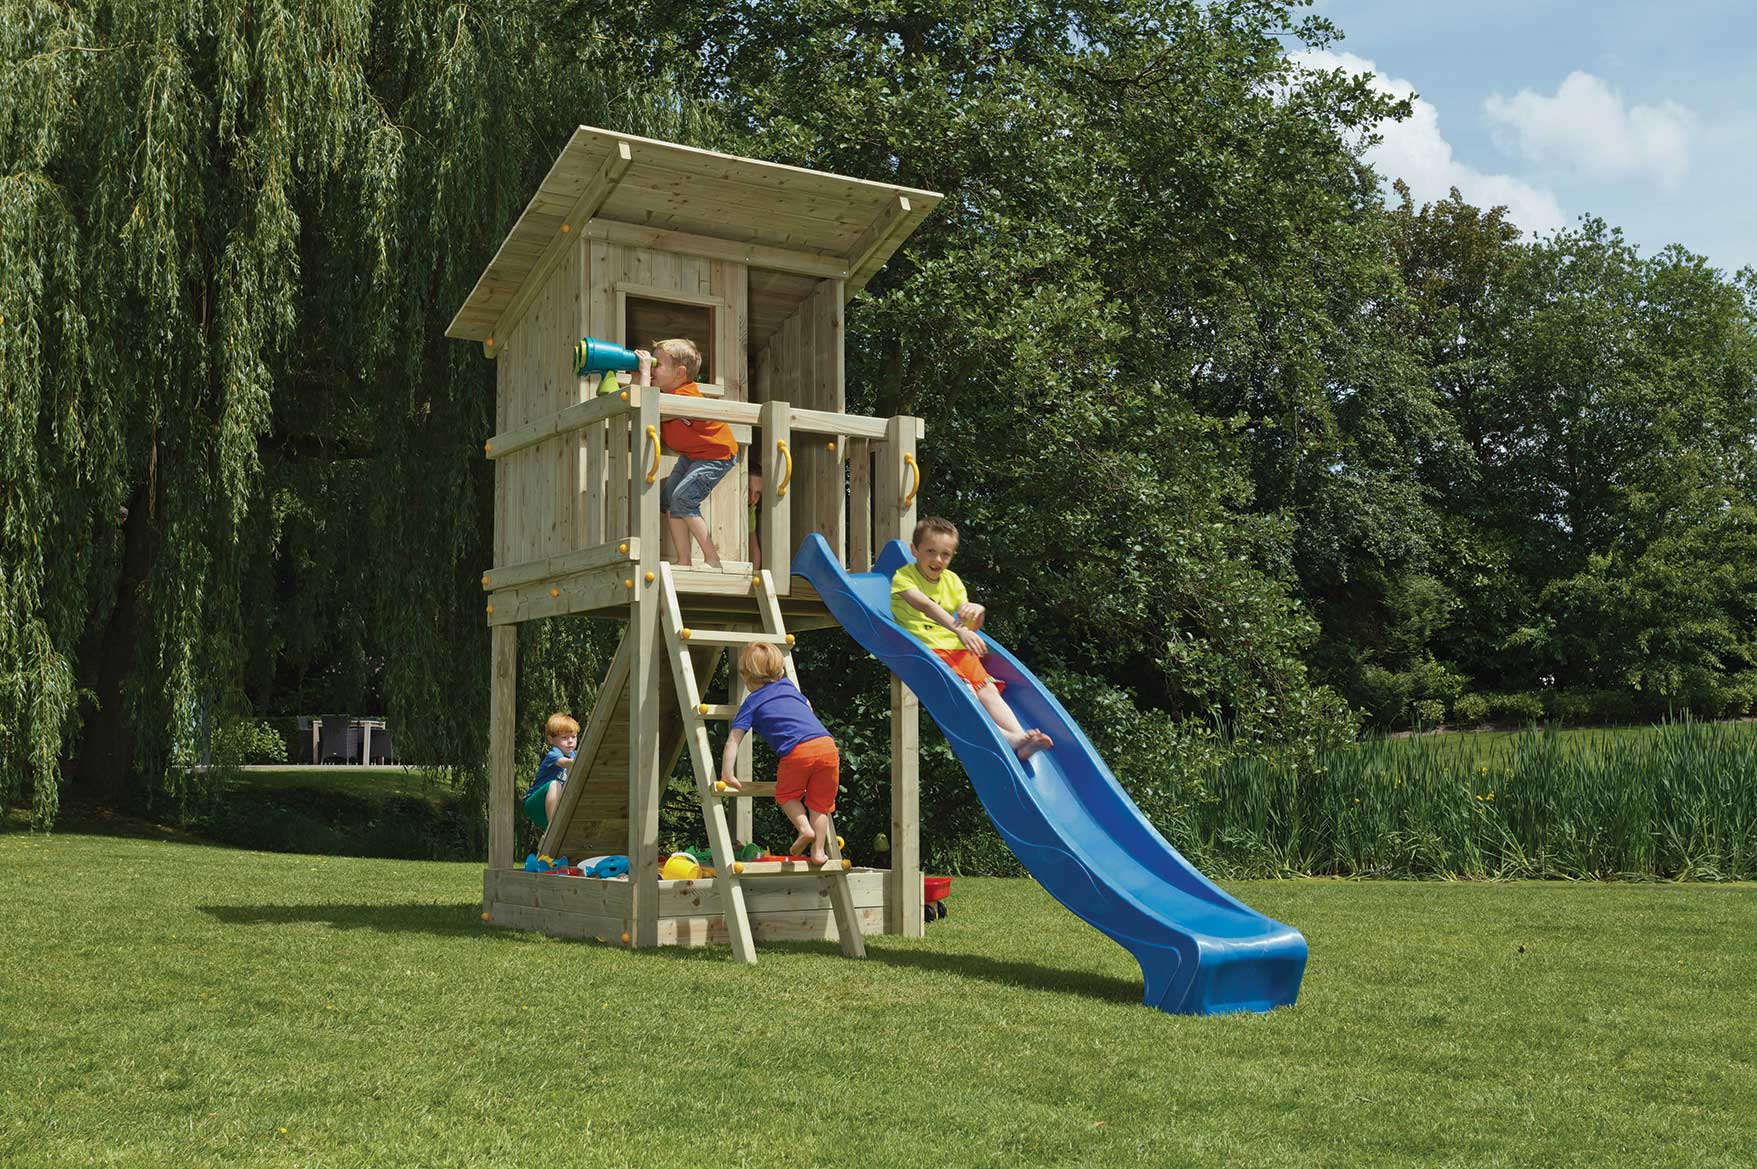 Extrem Blue Rabbit Spielturm Beach Hut 150 cm Podesthöhe - Spiel und Garten FE99